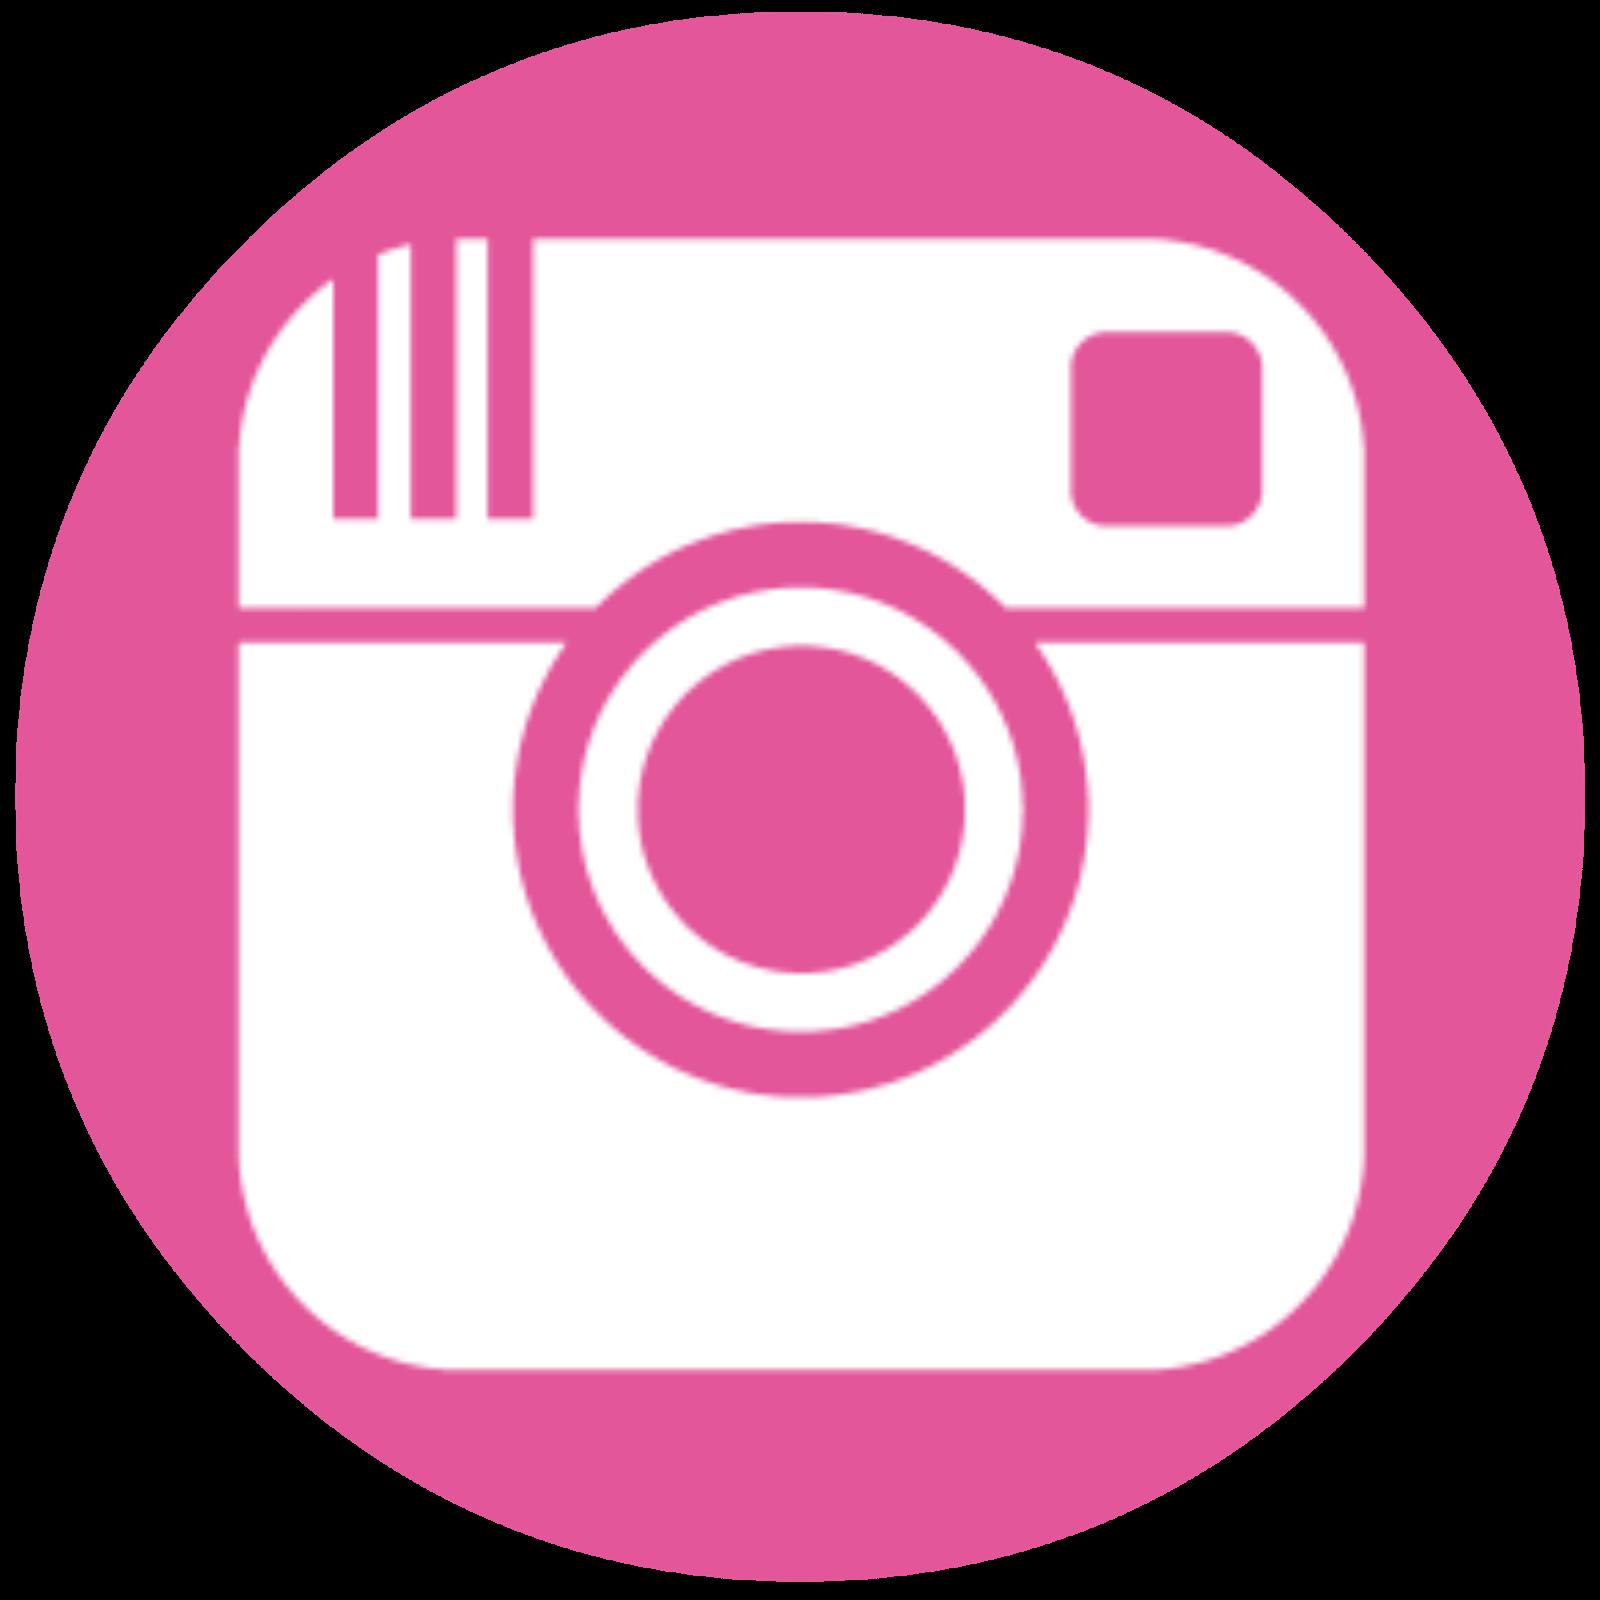 آموزش مسدود کردن عبارات نامناسب در کامنت های اینستاگرام + تصاویر